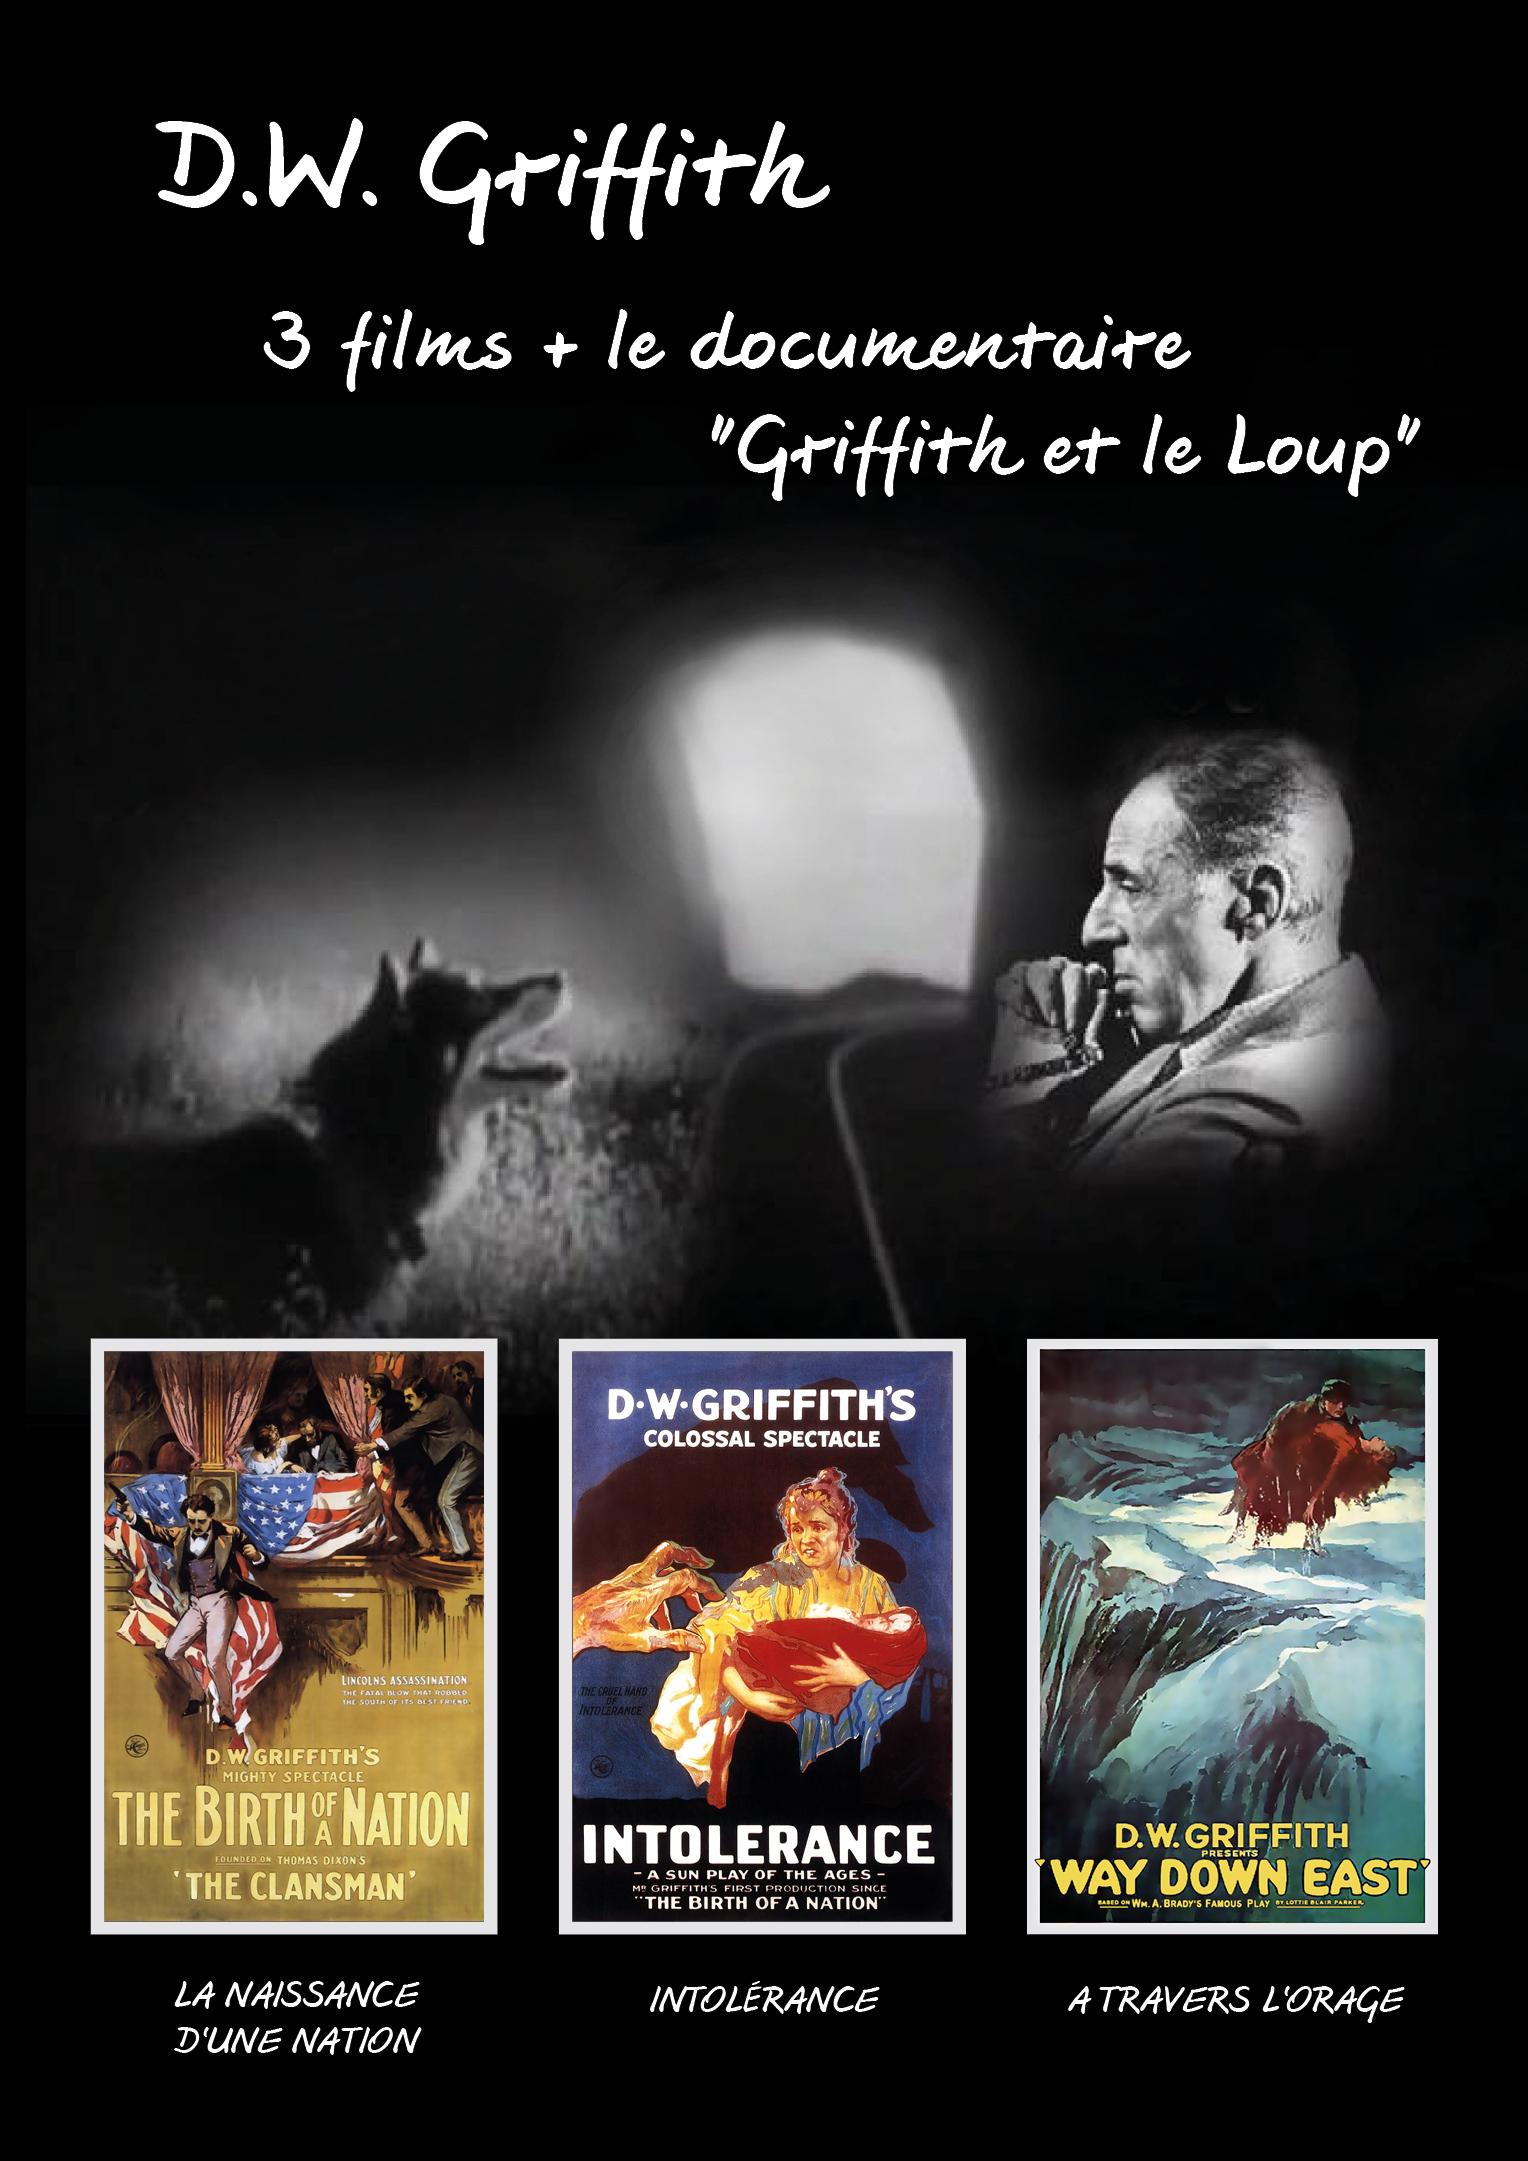 Achat DVD Coffret D.W. Griffith - 3 films + le documentaire  - La Naissance d'une nation + Intol�rance + A travers l'orage + Griffith et le loup